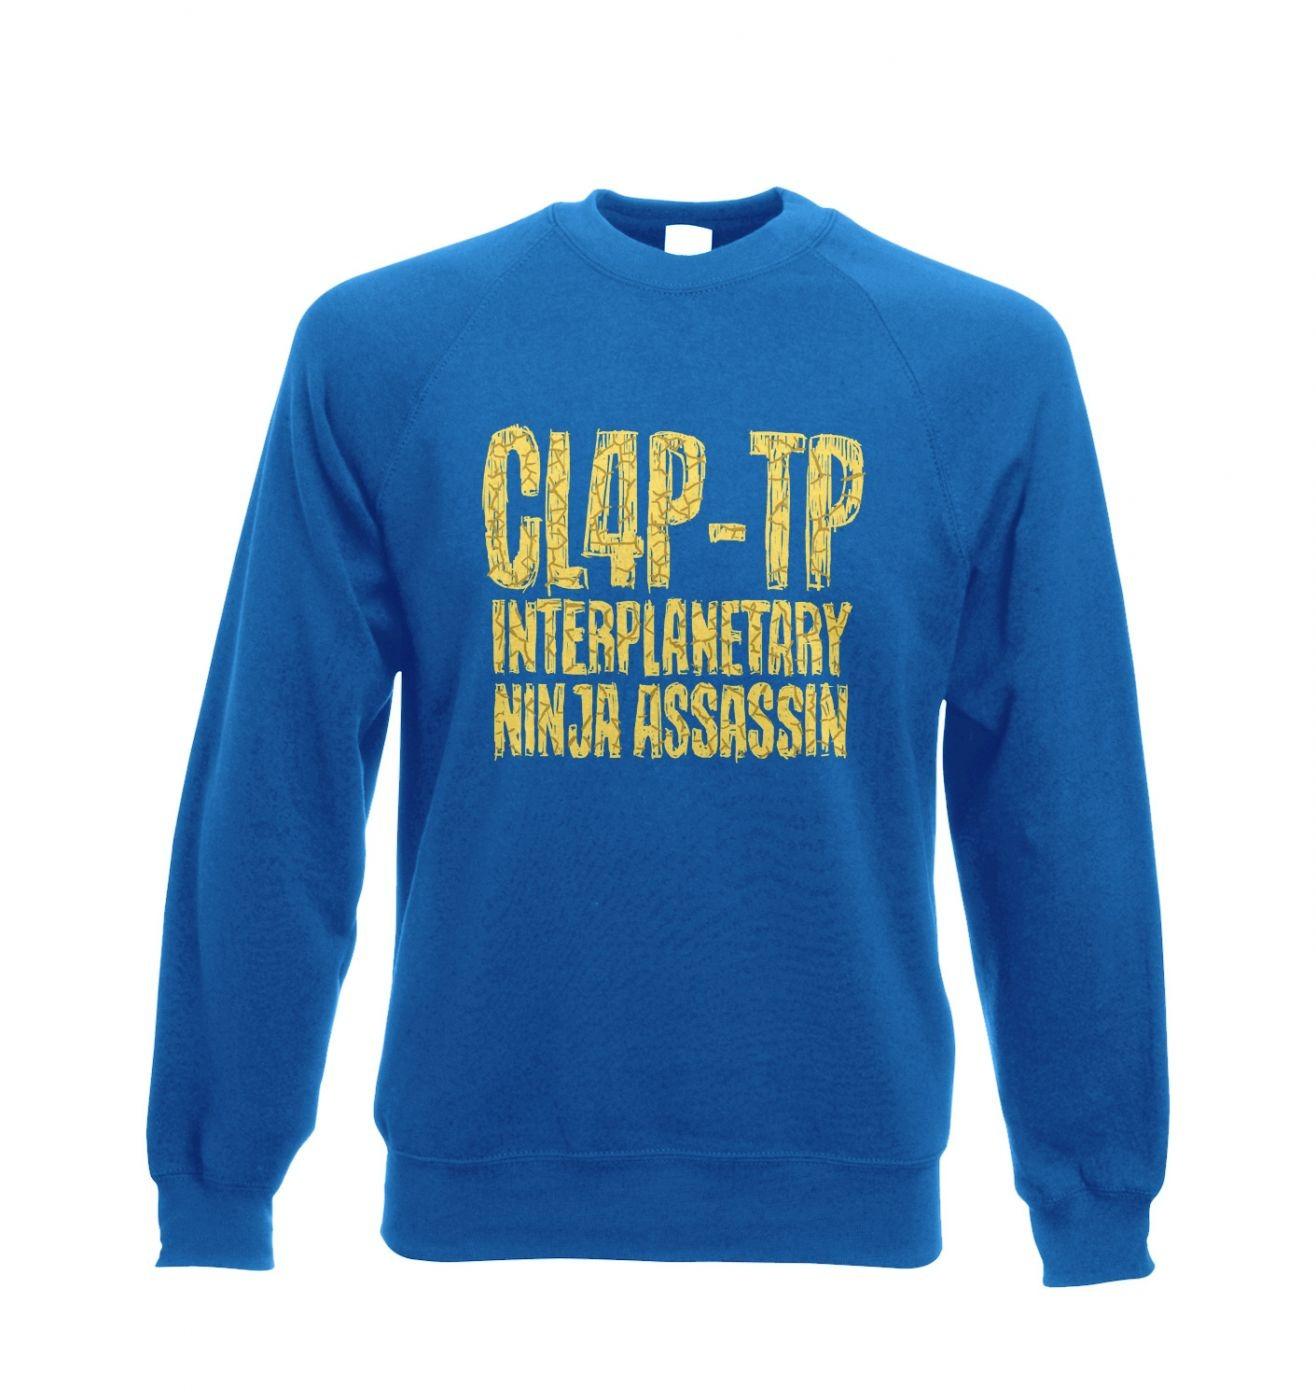 Clap Trap crewneck sweatshirt